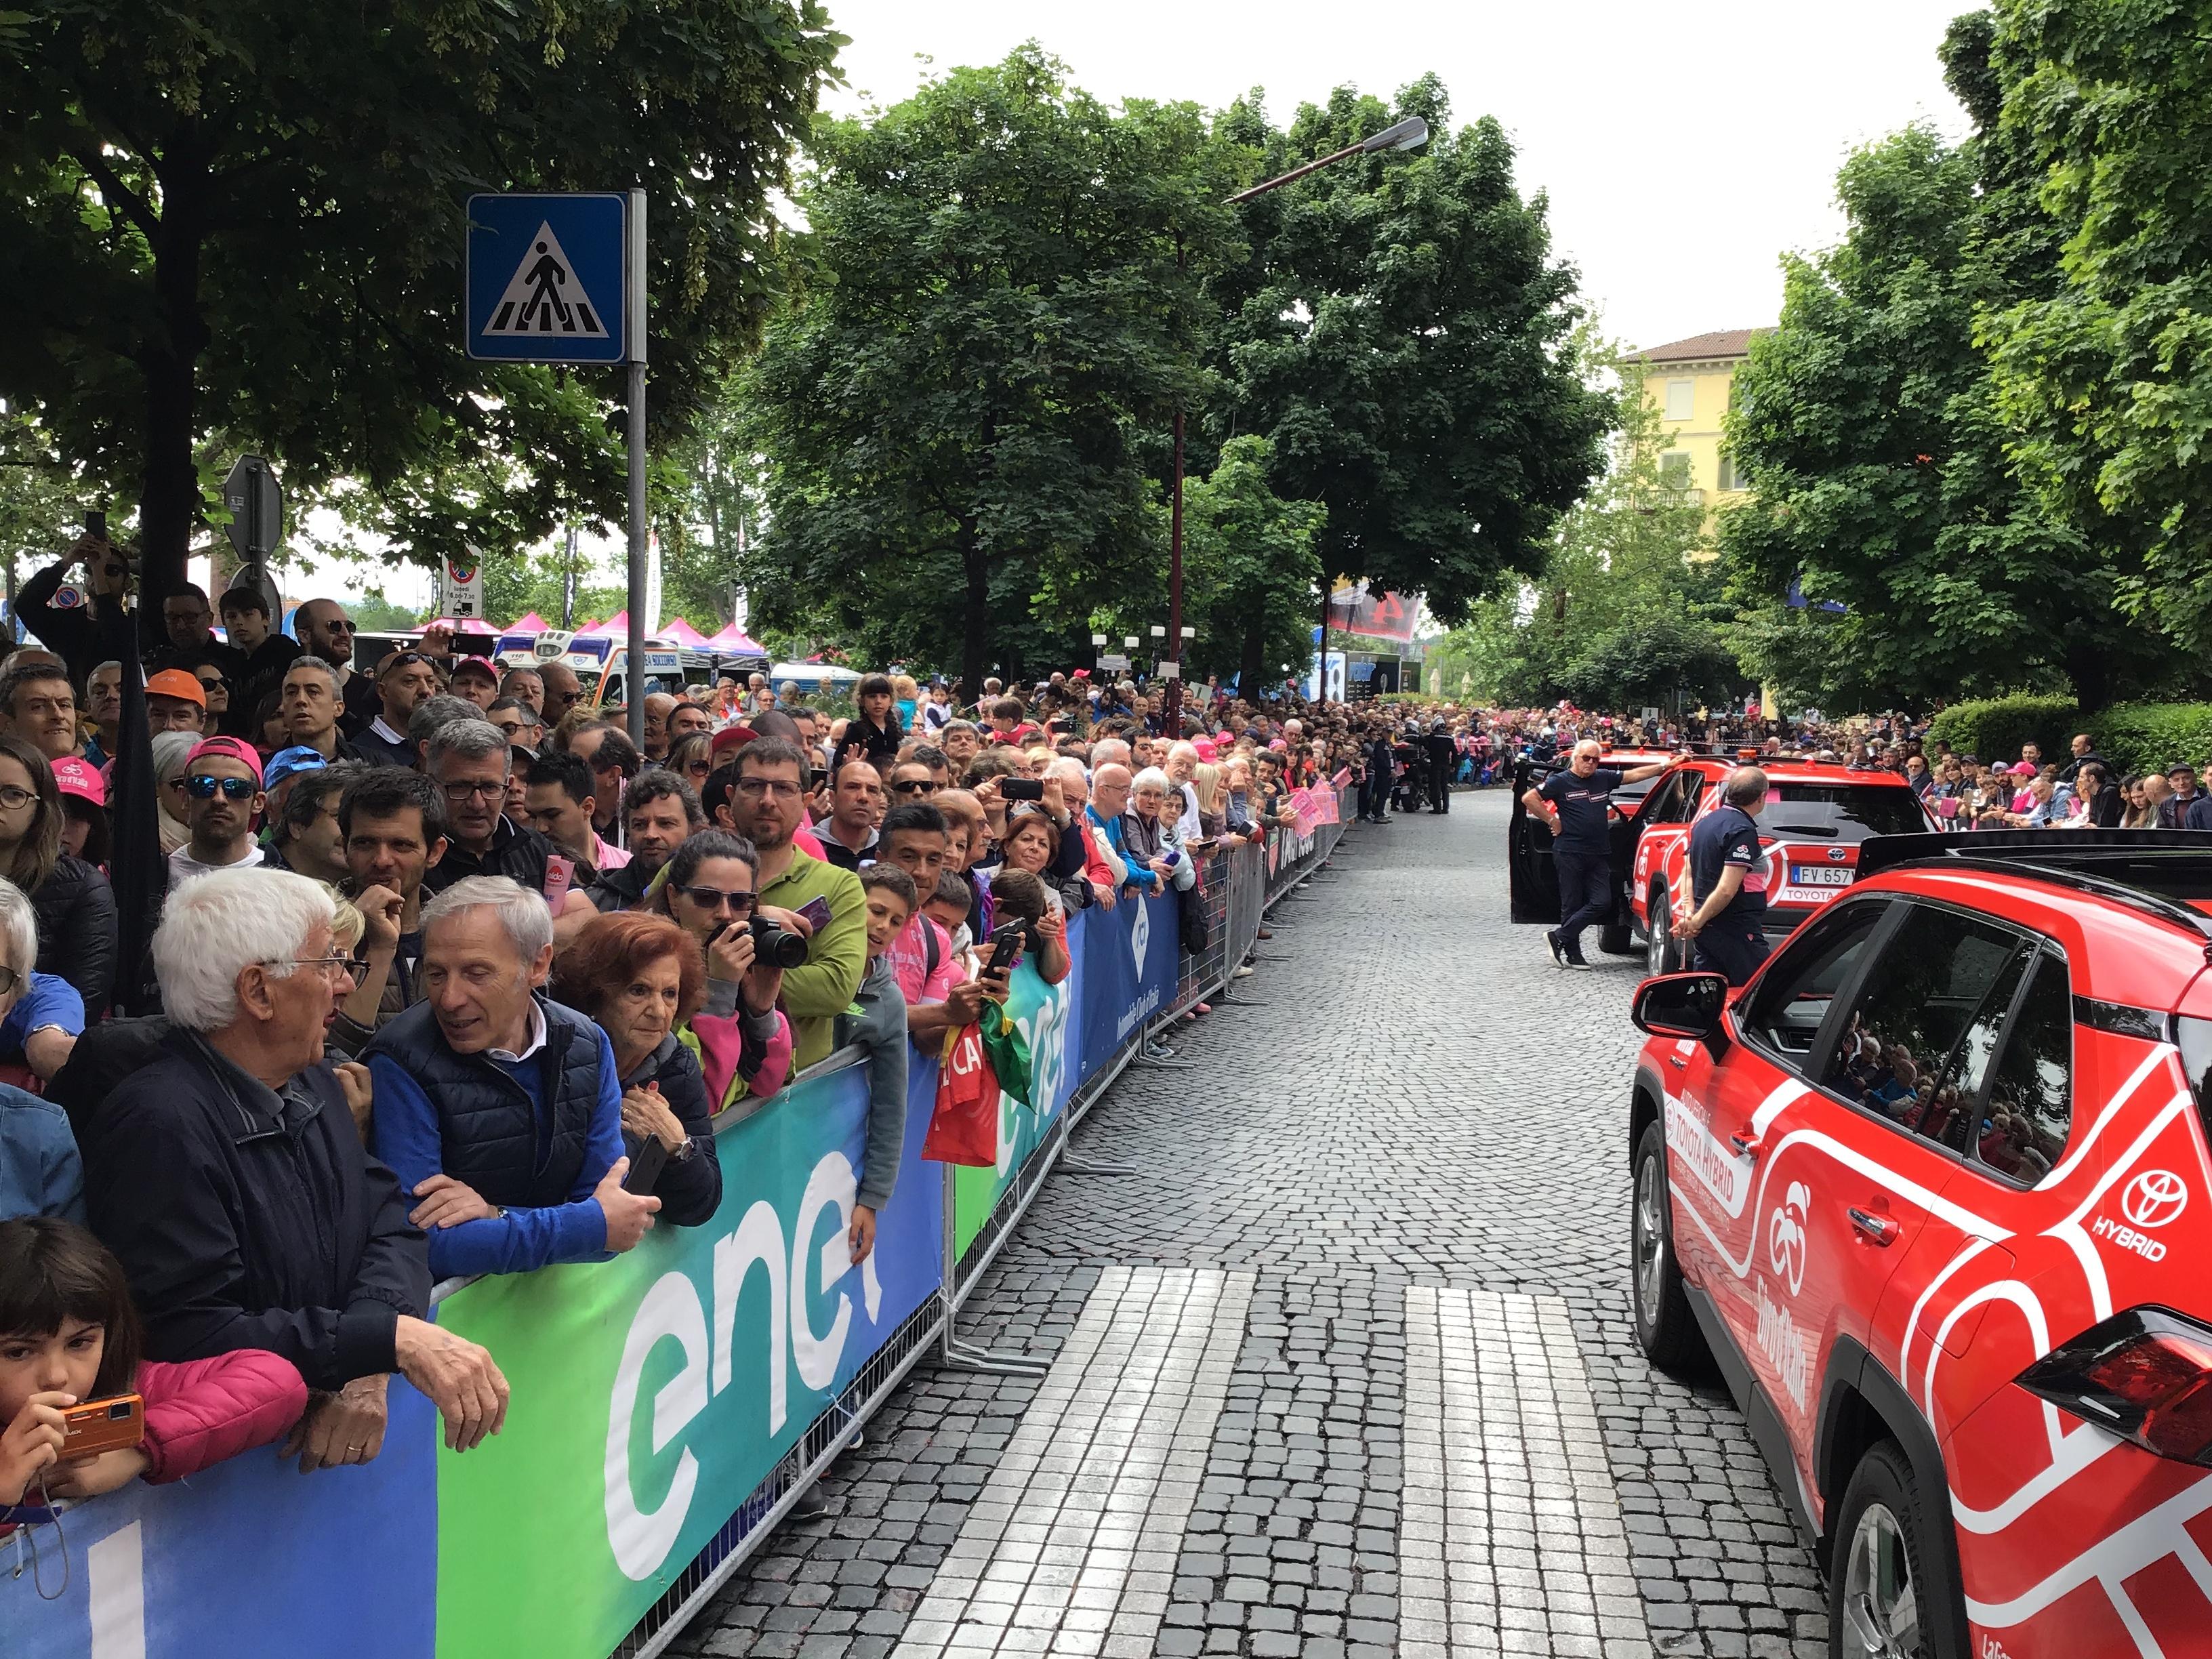 GIRO D'ITALIA - L'entusiasmo di Ivrea per la partenza della tappa più lunga della corsa - FOTO E VIDEO